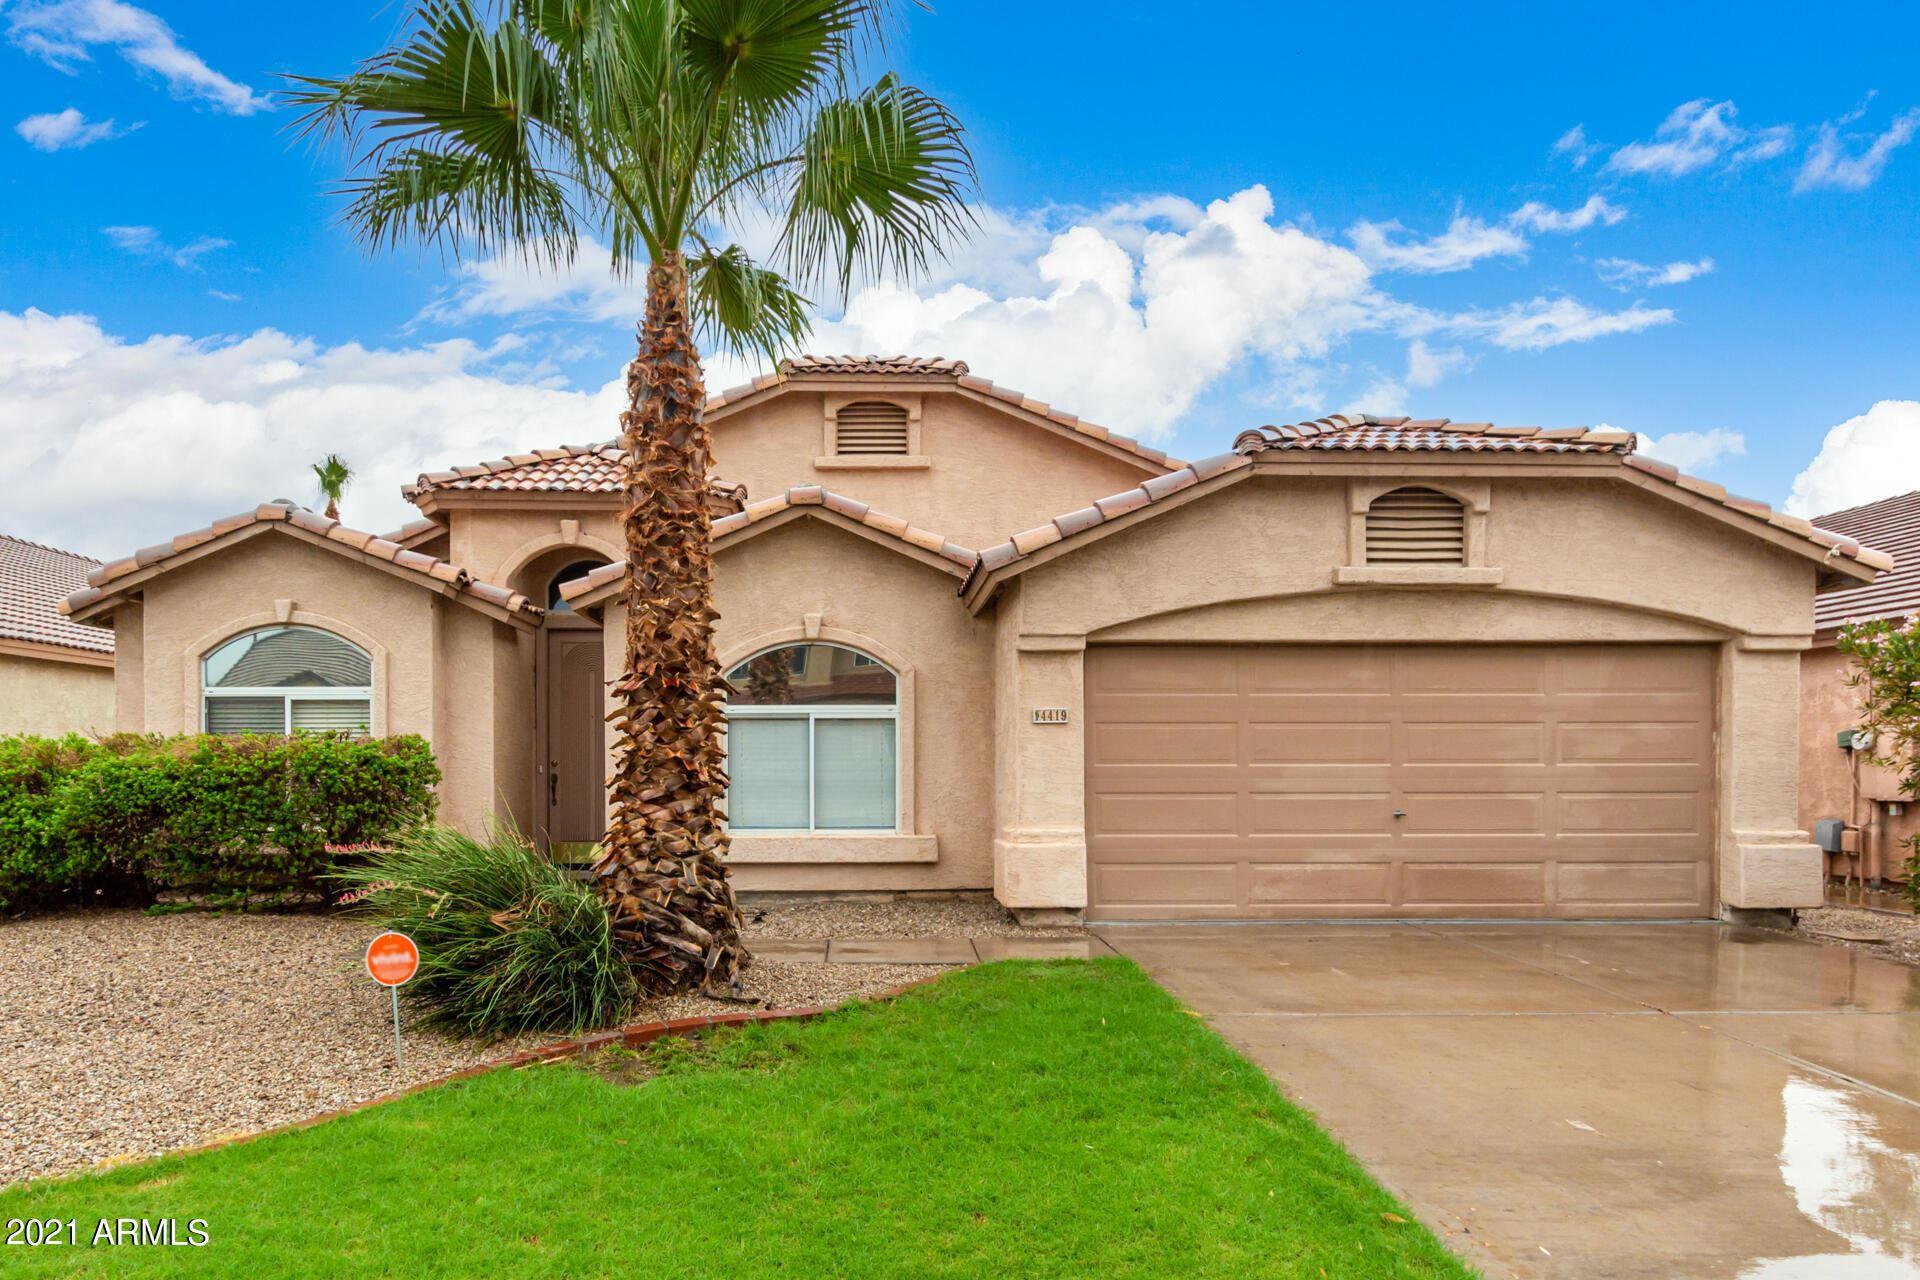 4419 E REDWOOD Lane, Phoenix, AZ 85048 - MLS#: 6271913